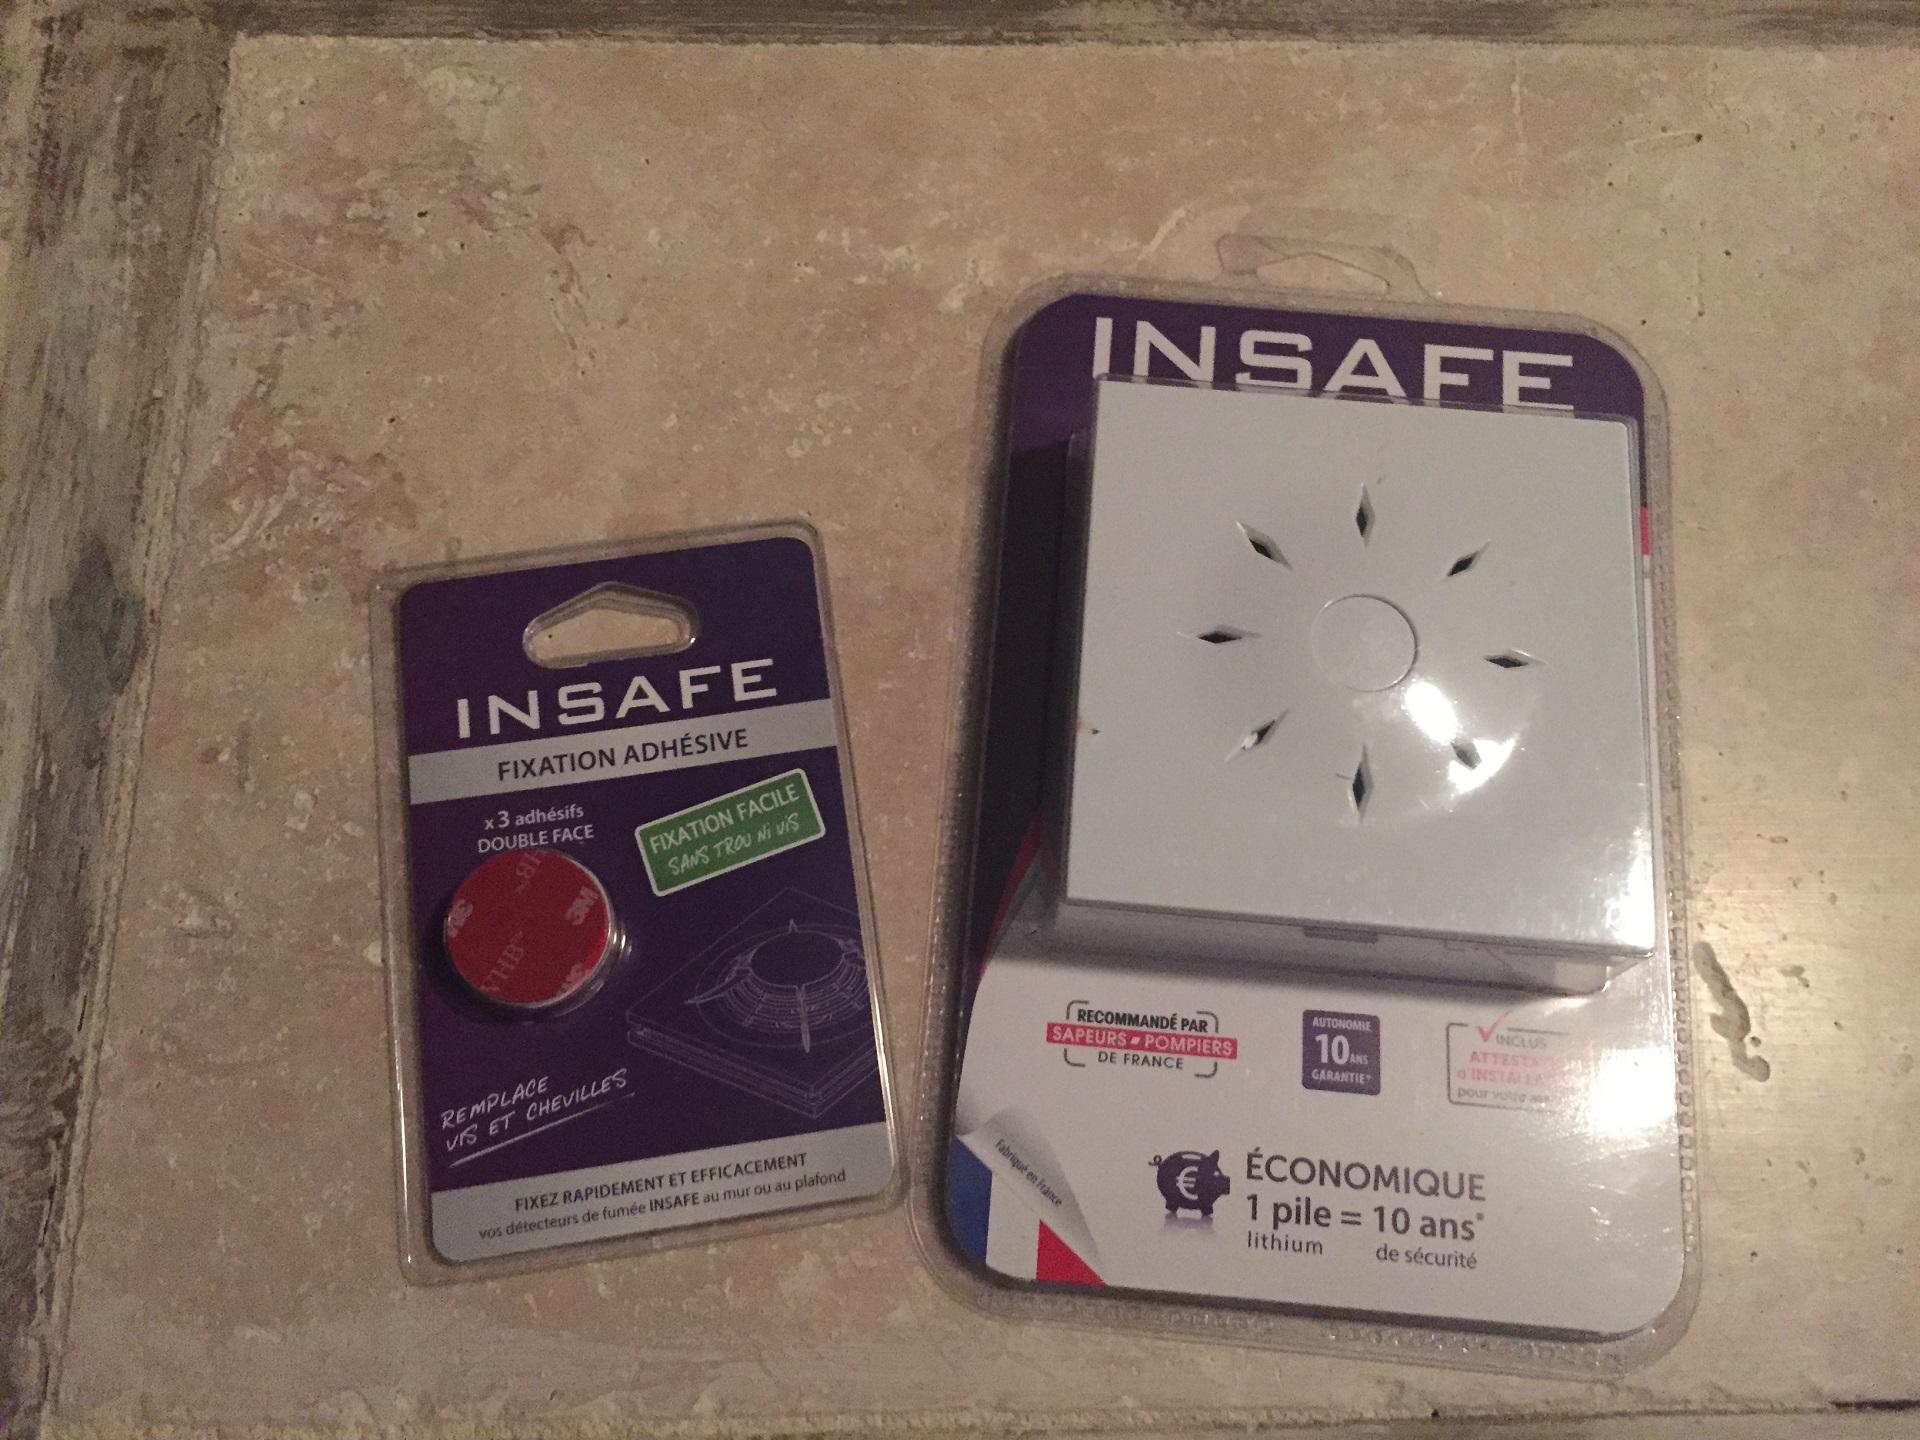 Le caf du geek test insafe design un d tecteur de fum e longue dur e lcdg - Detecteur de fumee insafe ...